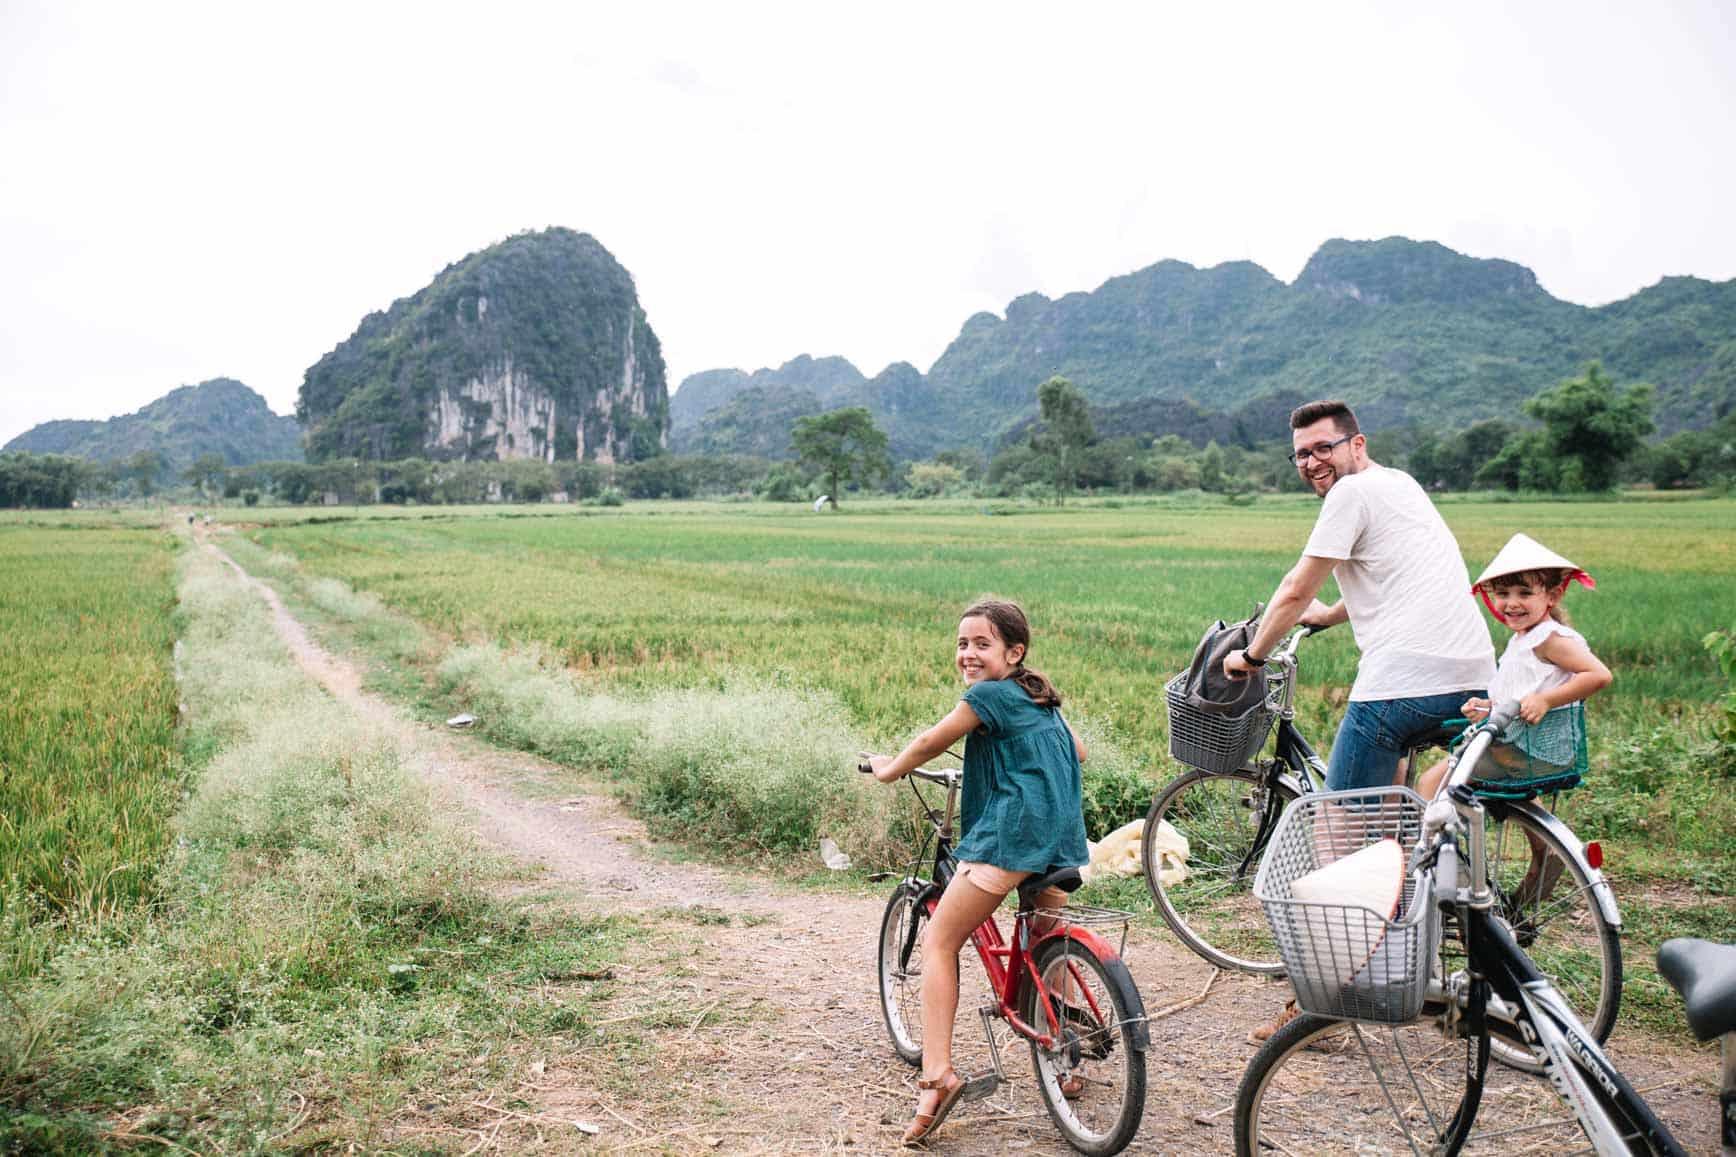 Alquilar bici en Vietnam con niños